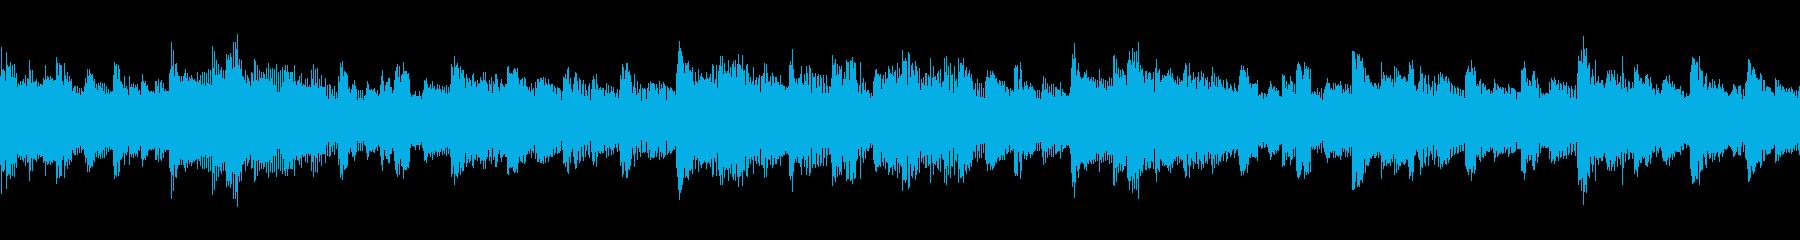 コンセプトムービー【ループ2】未来のCMの再生済みの波形